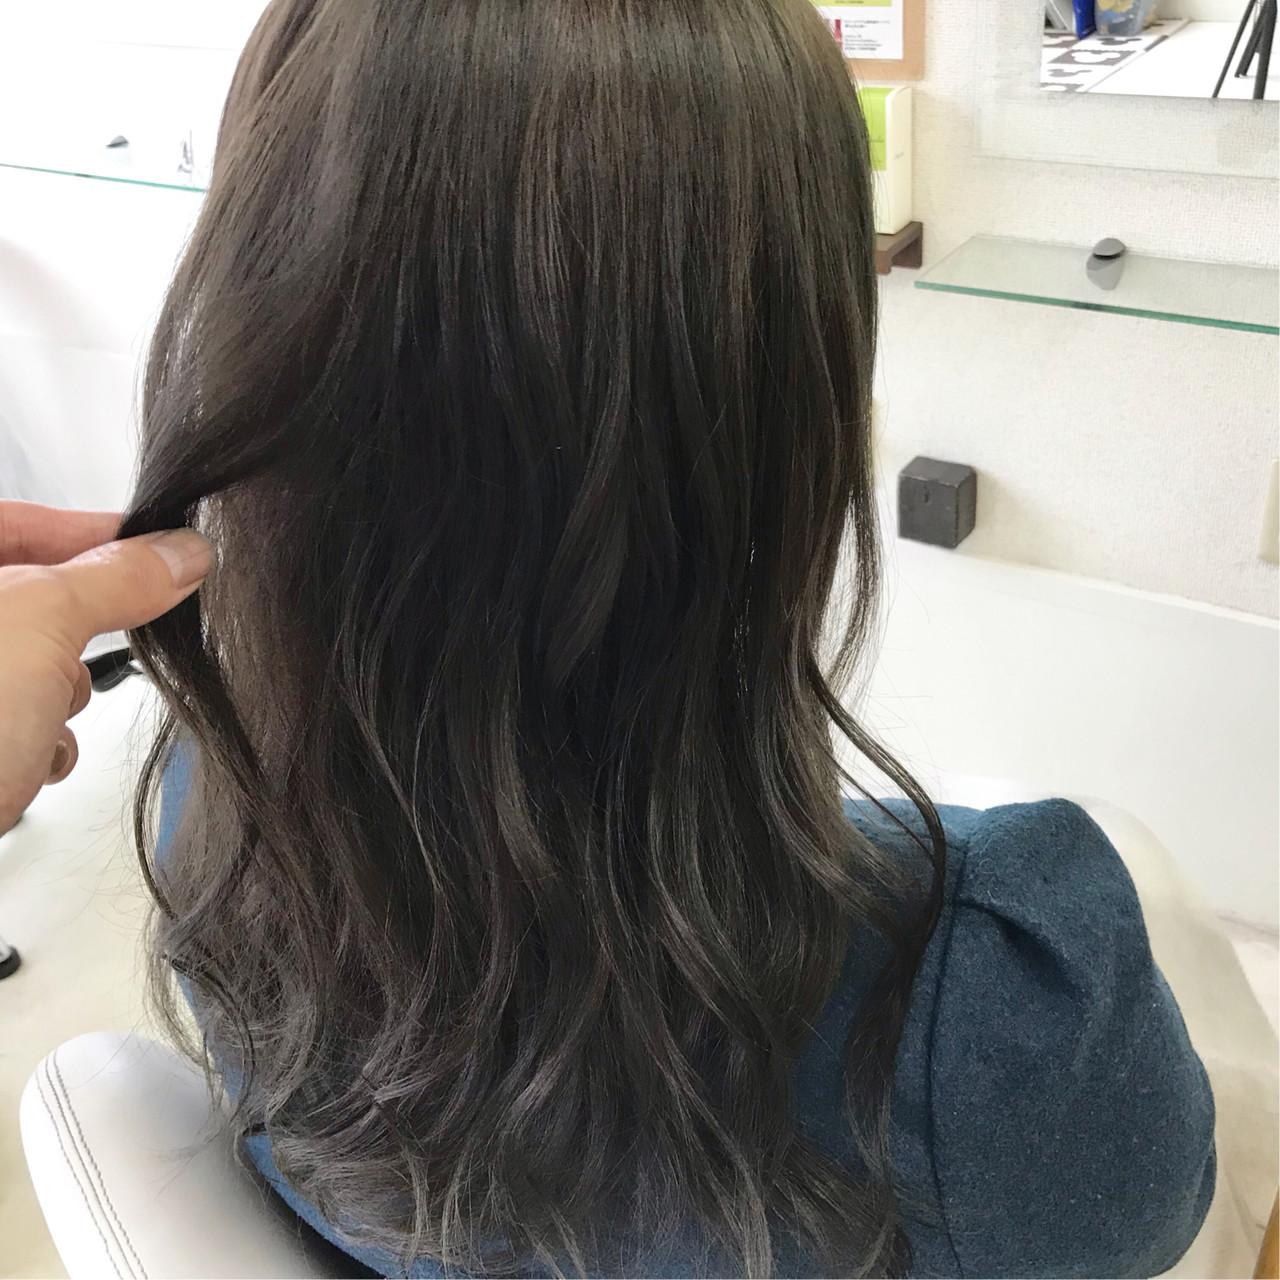 セミロング パーマ ヘアアレンジ アンニュイほつれヘア ヘアスタイルや髪型の写真・画像 | 新谷 朋宏 / Free hairstylist shinya